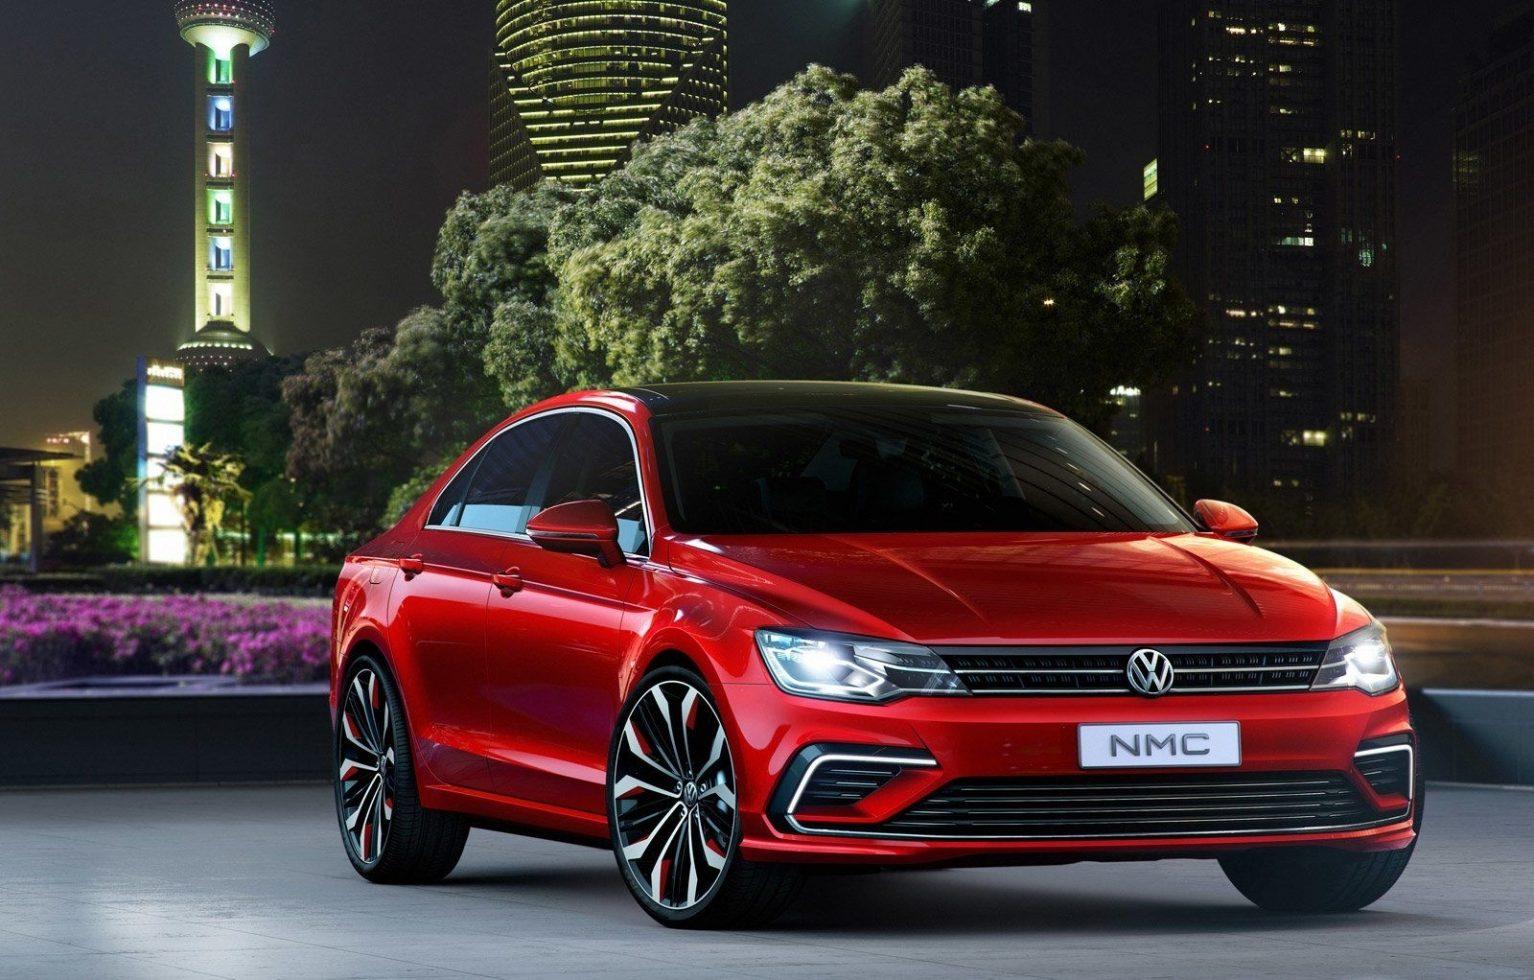 2019 Volkswagen Passat Look High Resolution Wallpapers Autoweikcom 1534x980